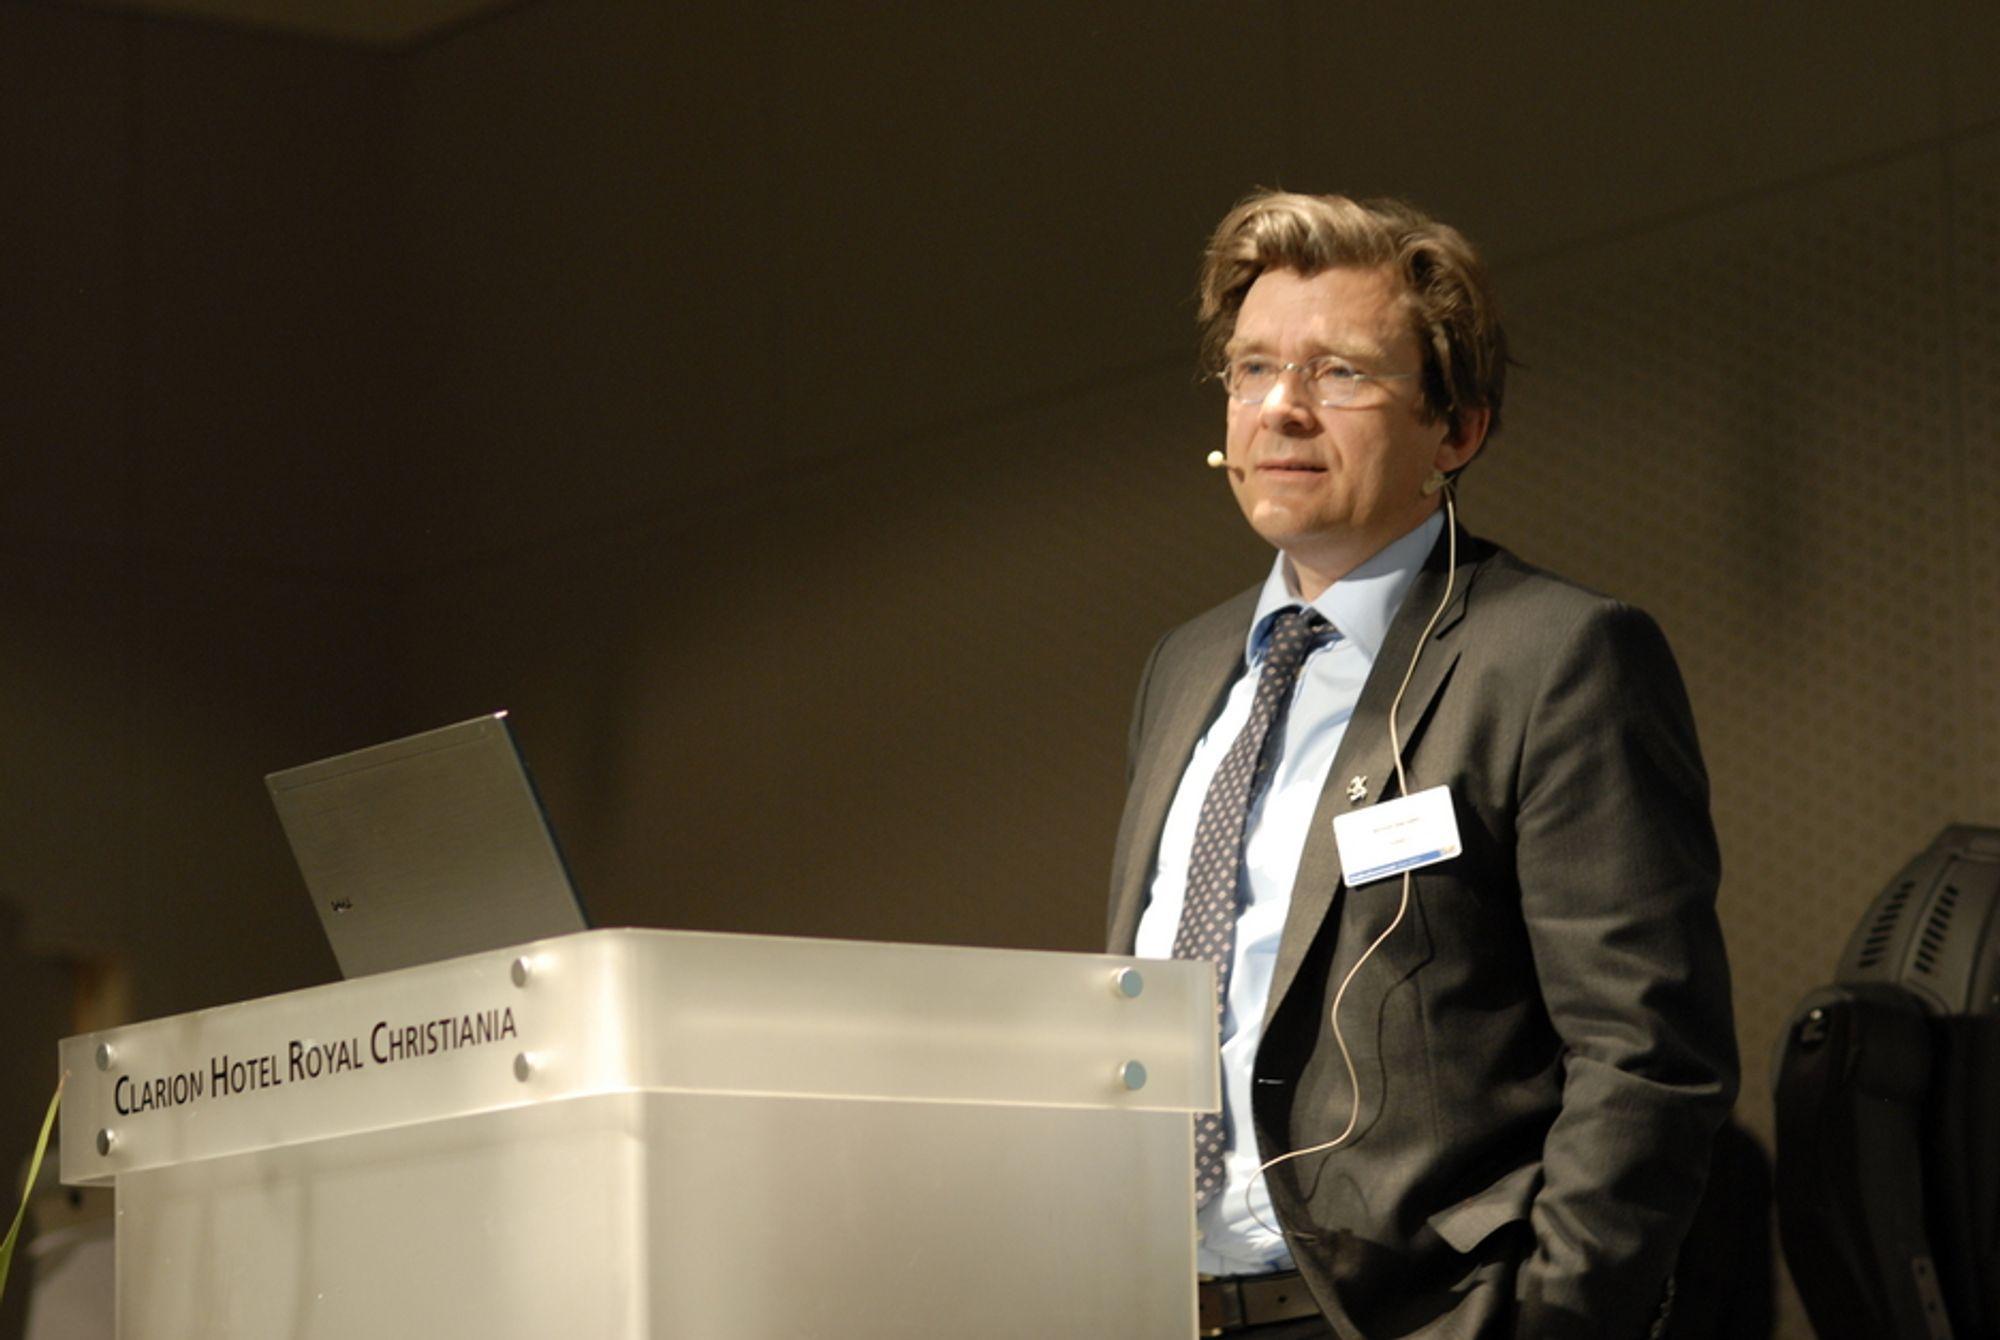 FORTSATT TRYKK: Stortingets mål om at 50 prosent av utbyggingen skal kunne komme i Norge, krever et fortsatt trykk på saksbehandling av vindkraftprosjekter, sier Norwea-sjef Øyvind Isachsen.